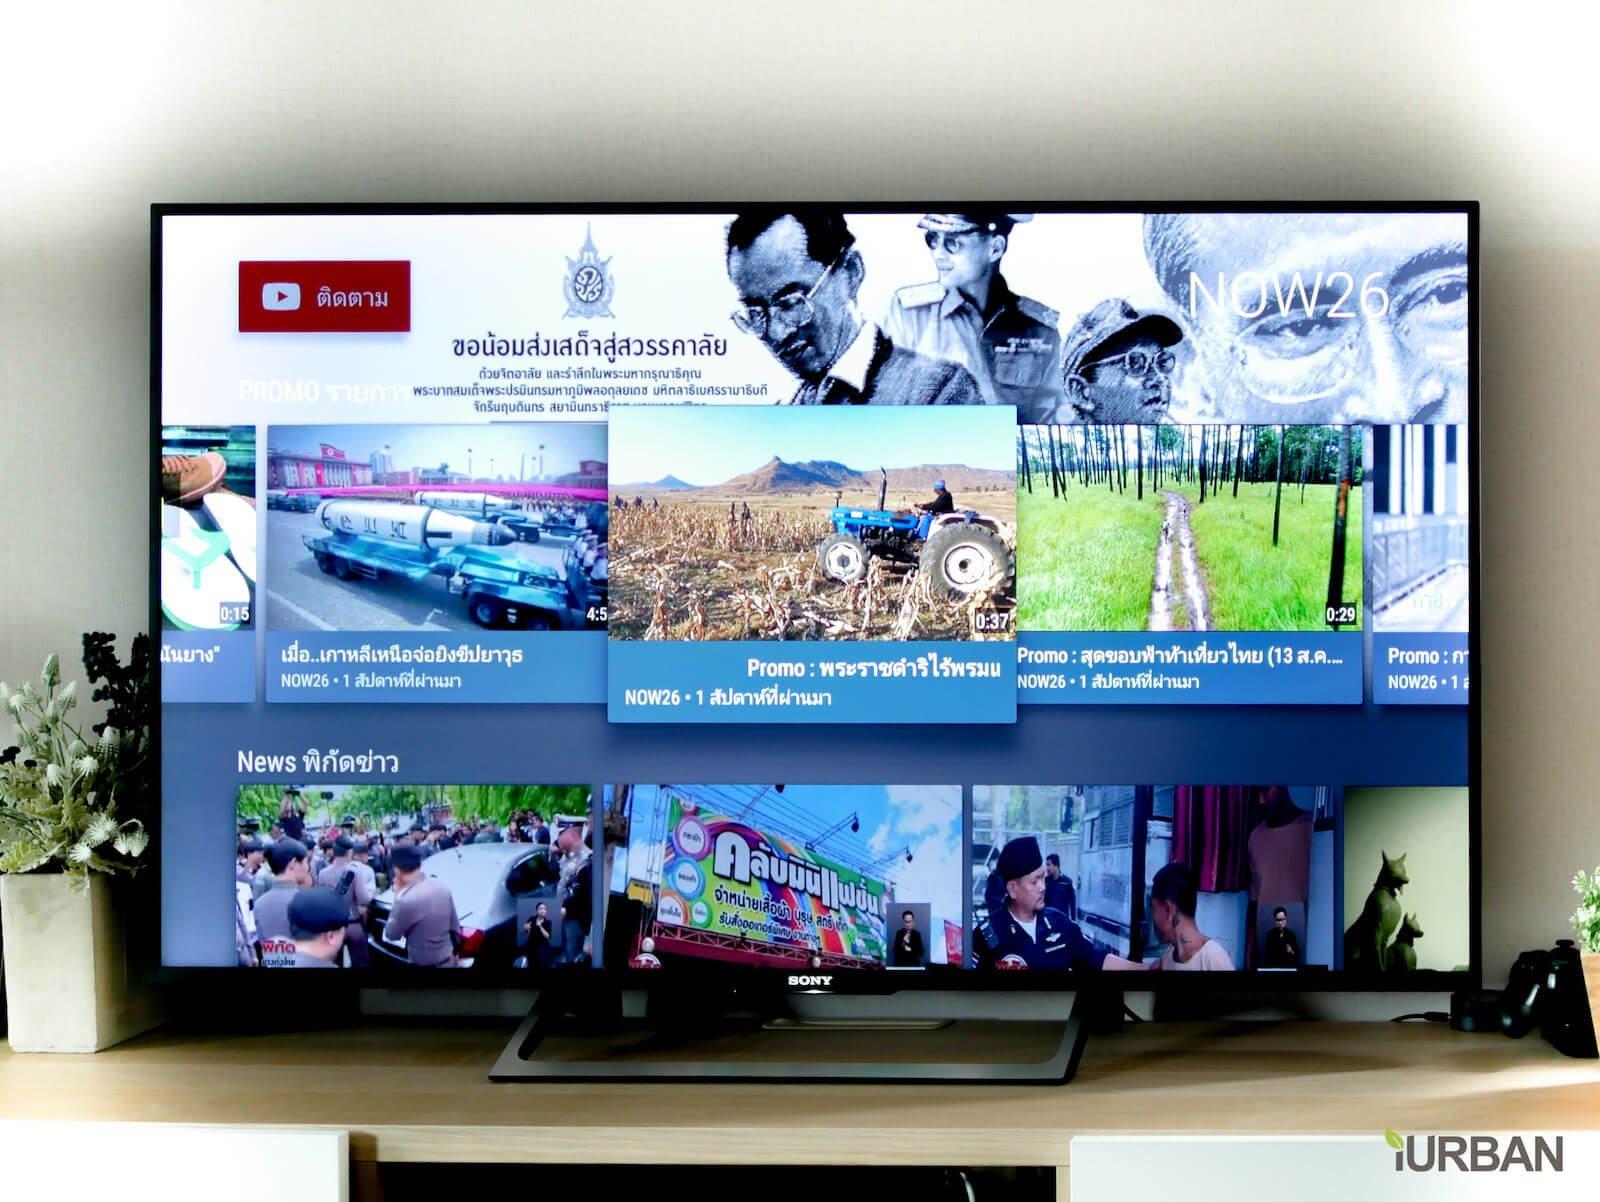 SONY X8500E 4K-HDR Android TV นวัตกรรมที่จะเปลี่ยนชีวิตกับทีวี ให้ไม่เหมือนเดิมอีกต่อไป 52 - Android